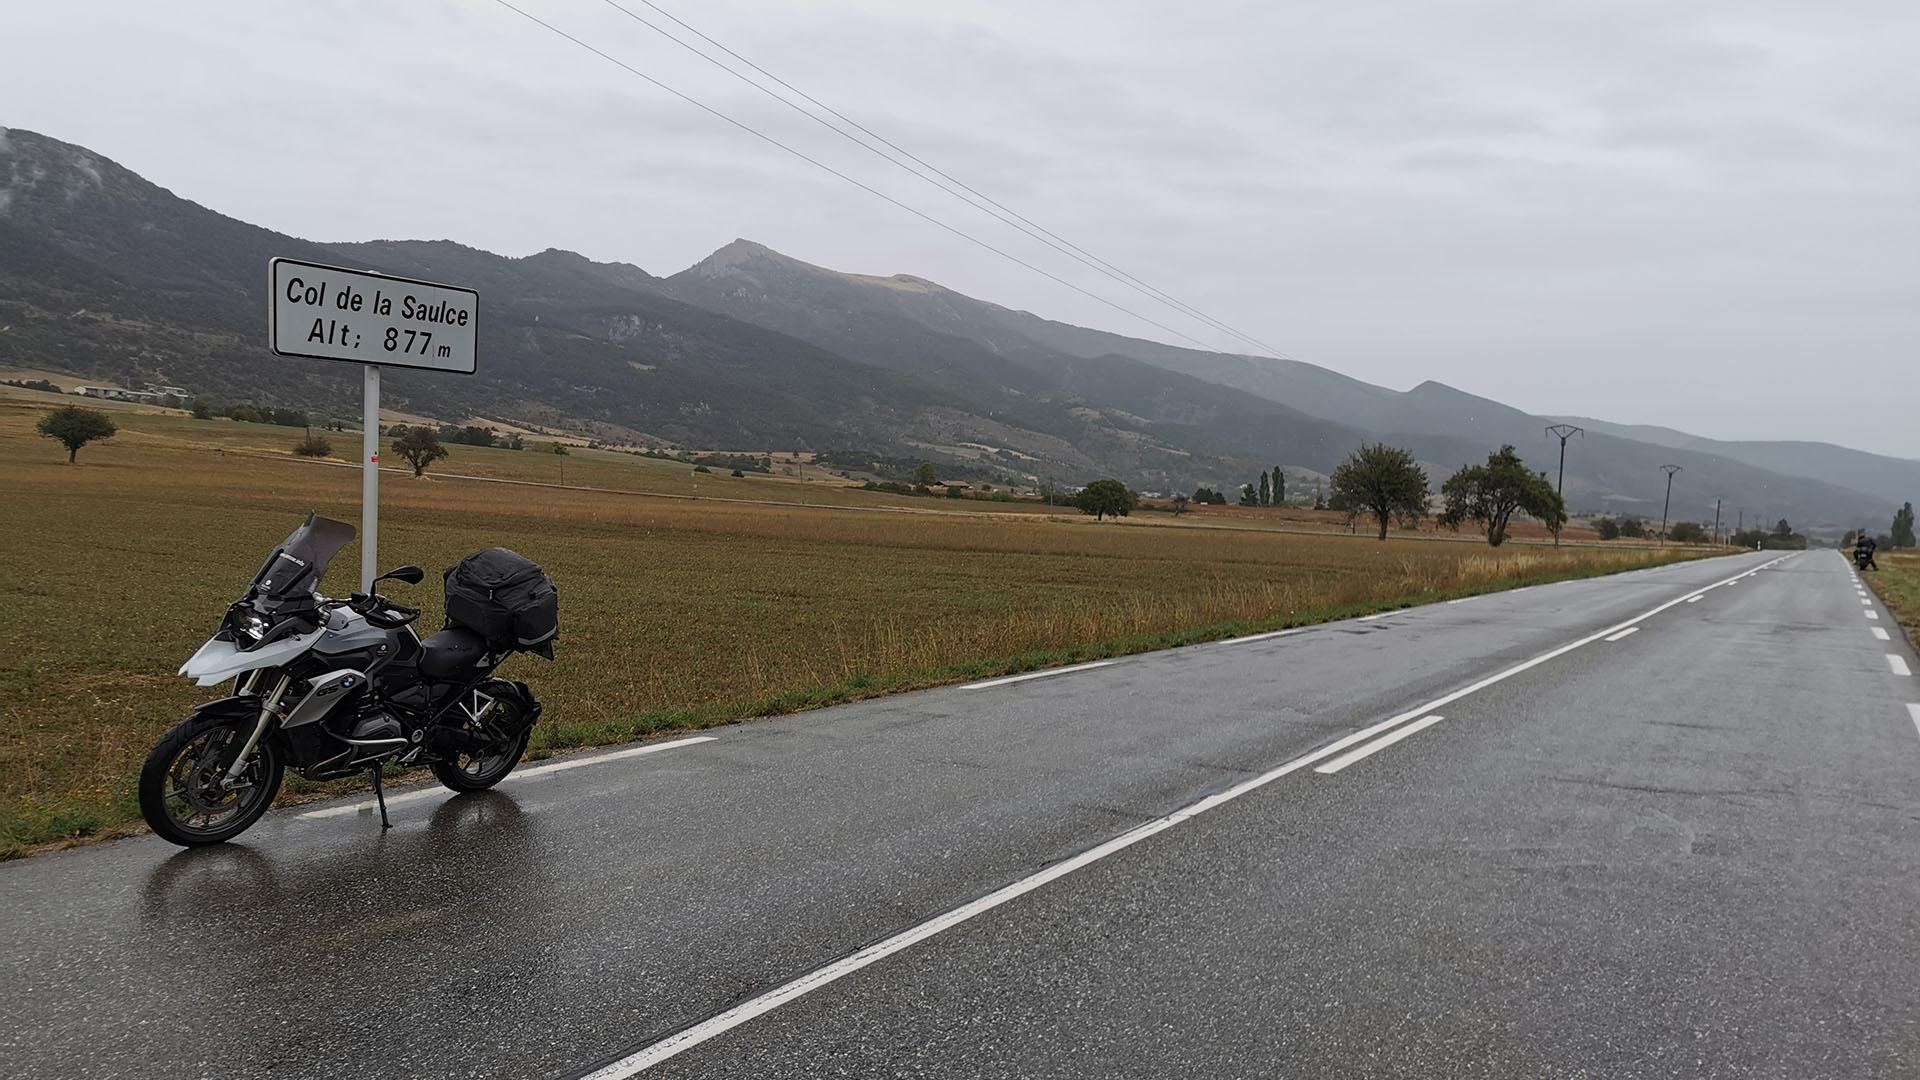 0877 - F - Col de la Saulce